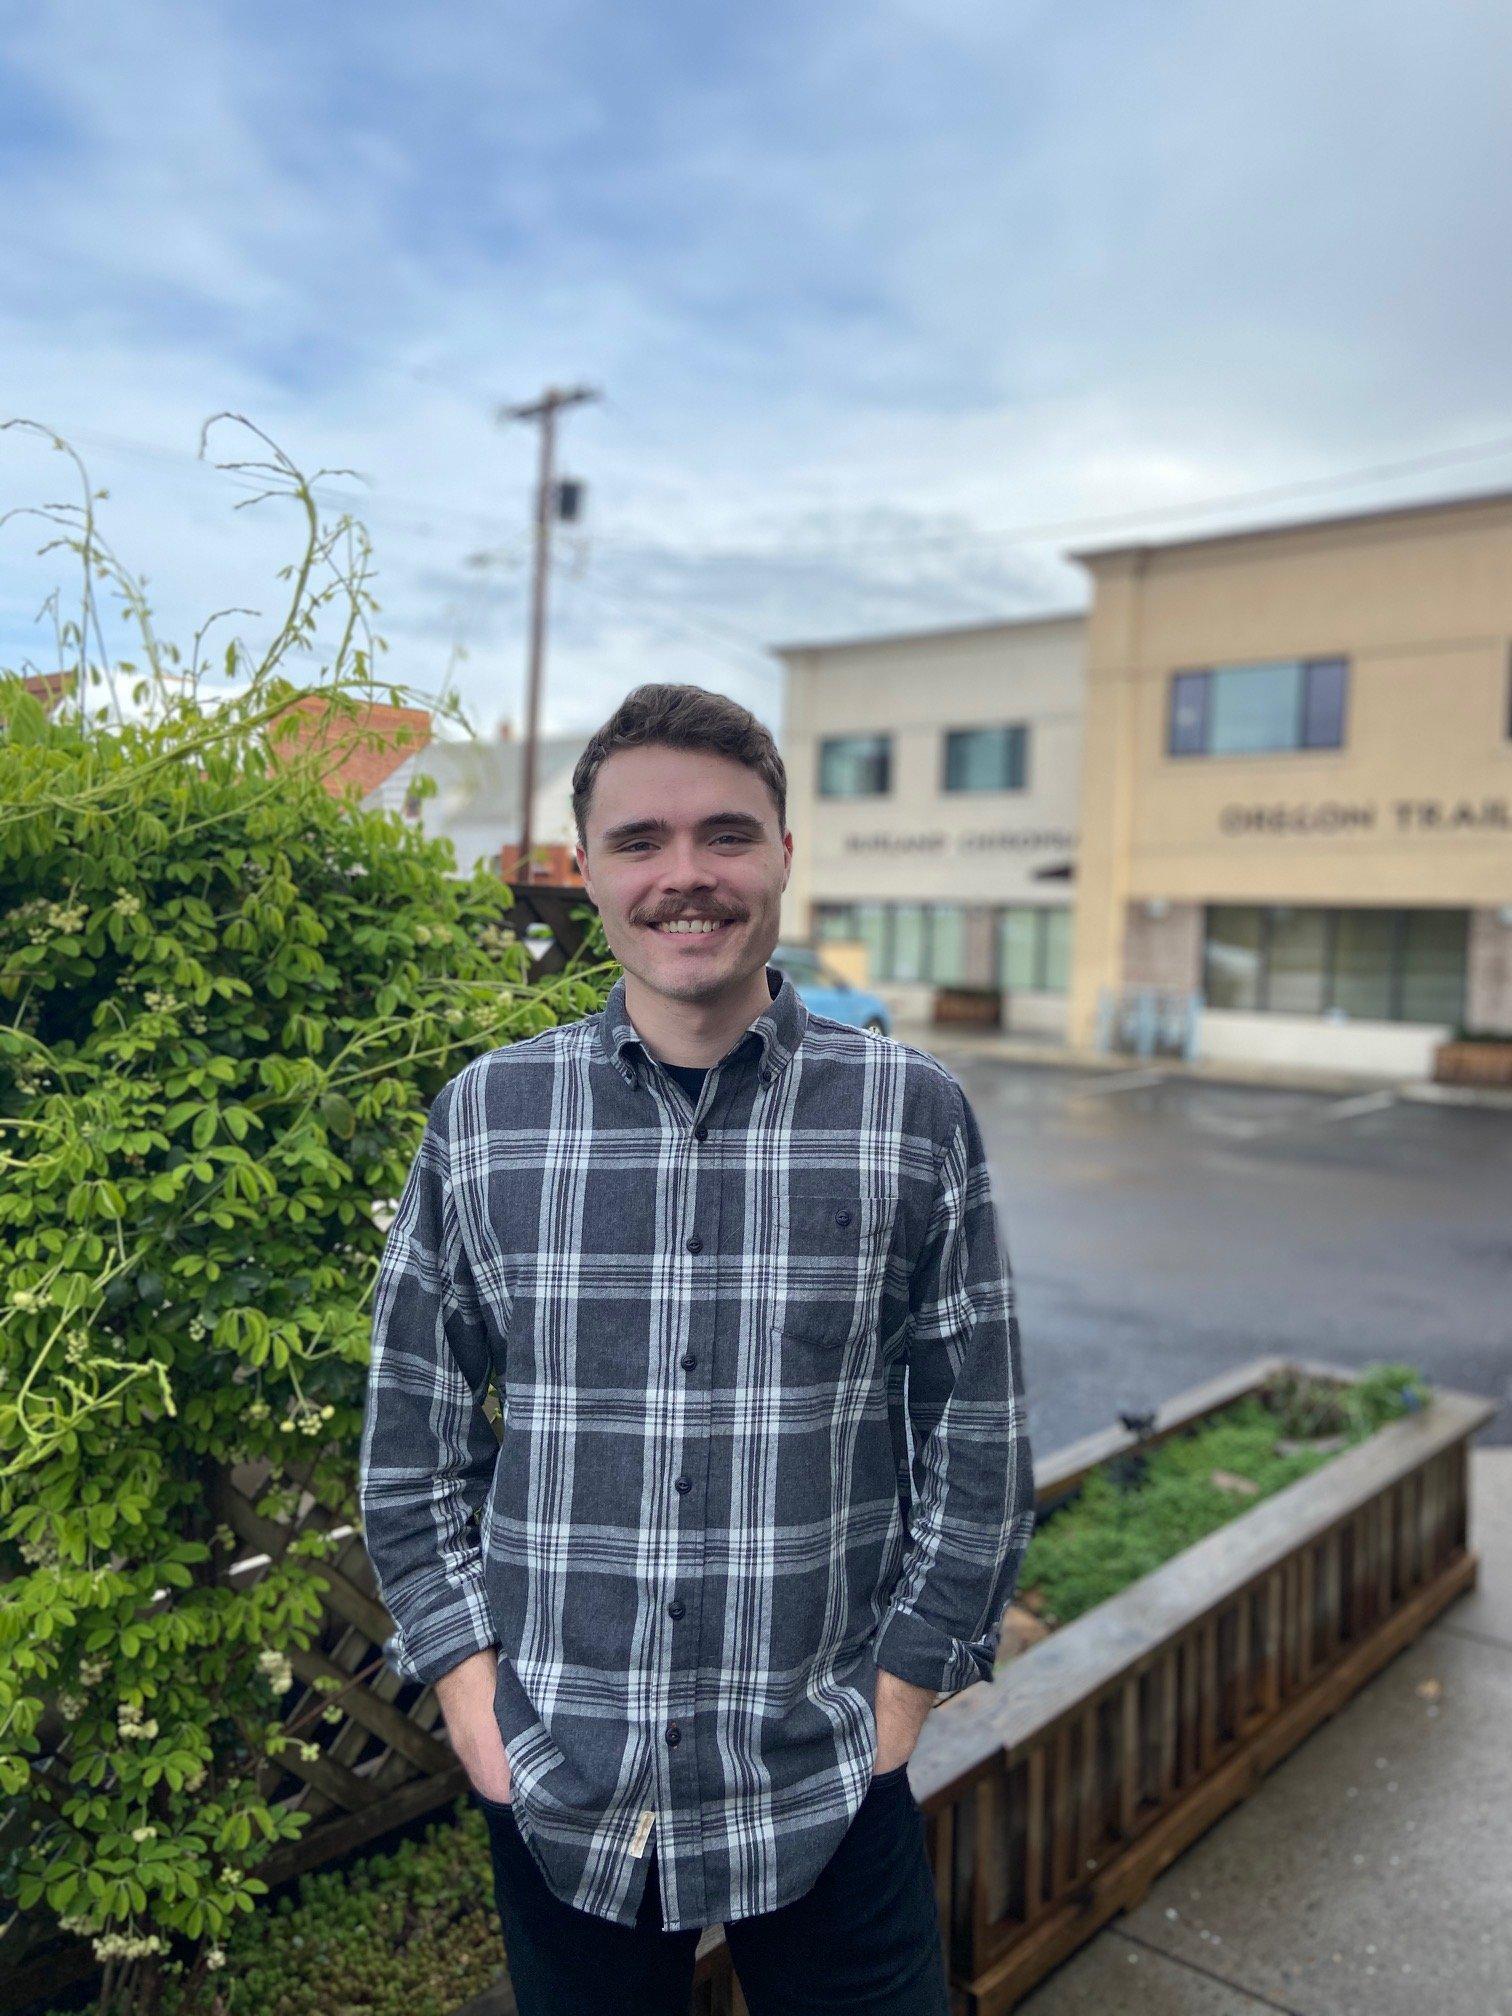 Jake Van Buren - Intake & Admissions Coordinator